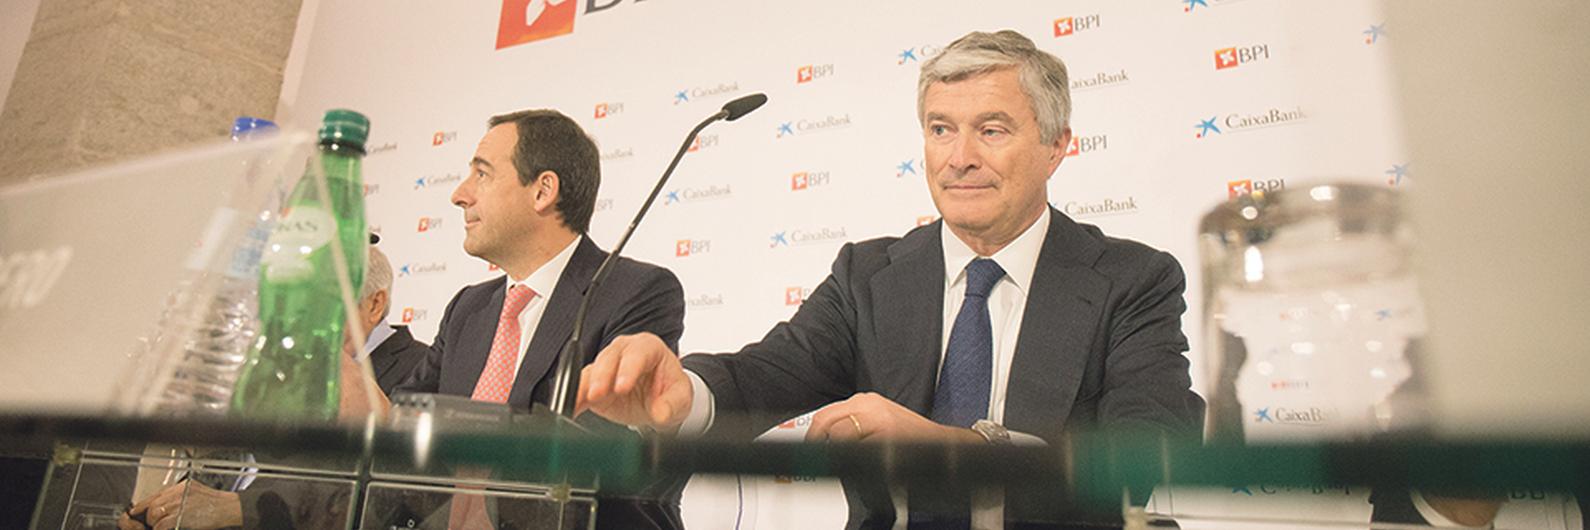 """Pablo Forero: """"Fernando Ulrich é o melhor banqueiro dos últimos 40 anos"""""""